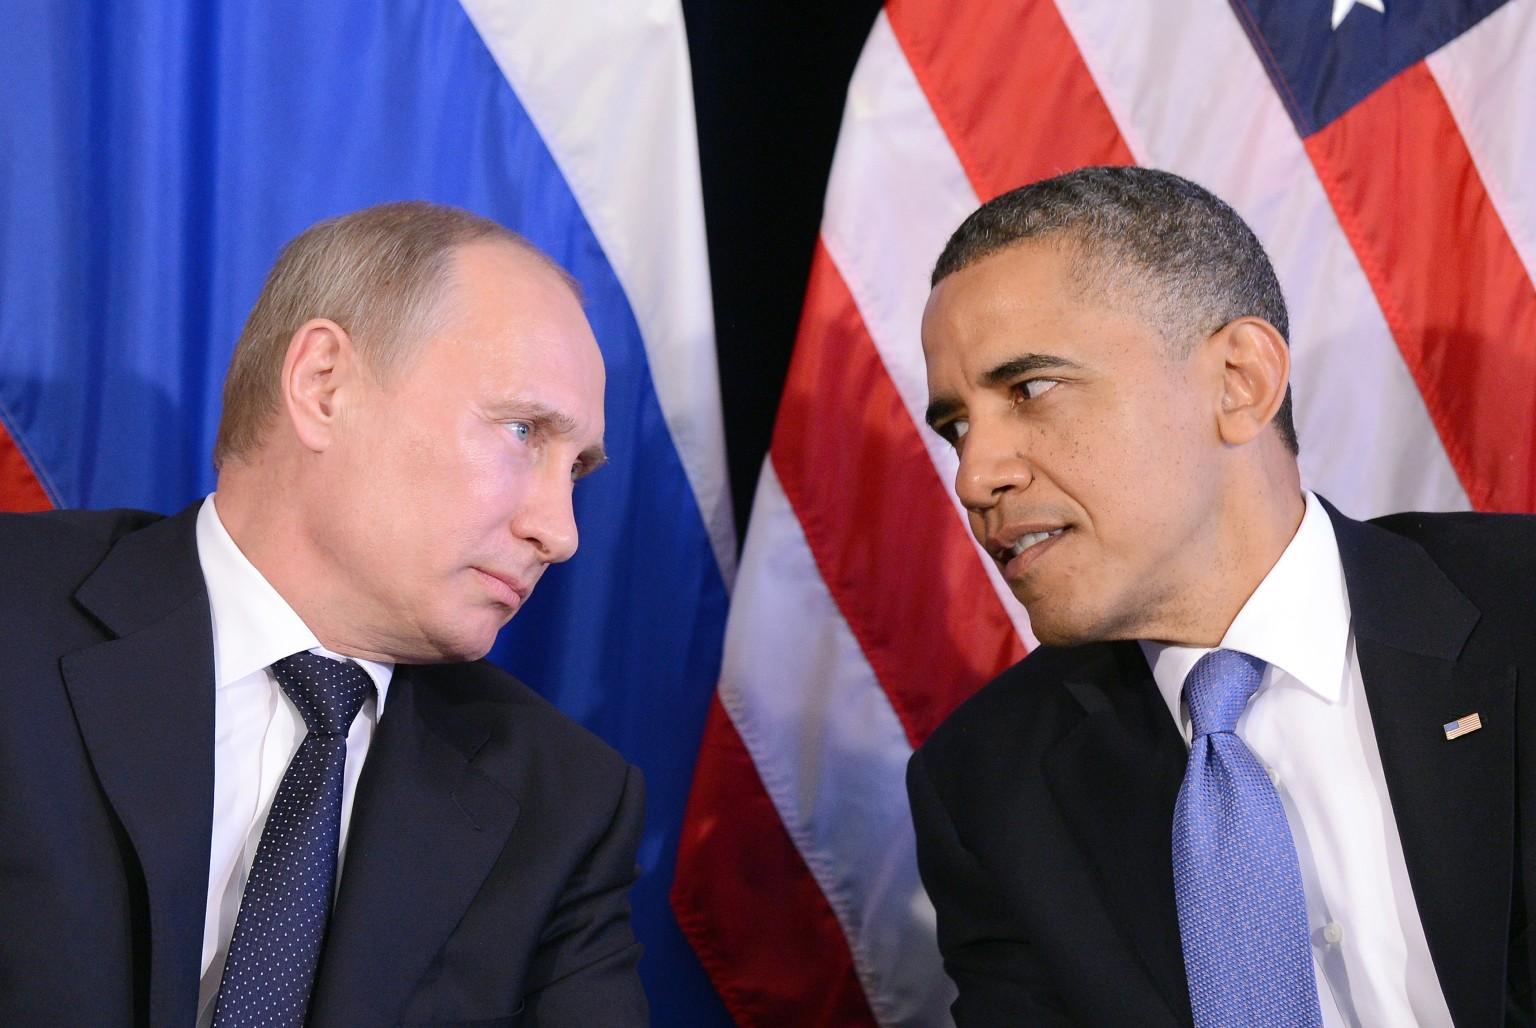 پیامدهای حضور نظامی روسیه در سوریه